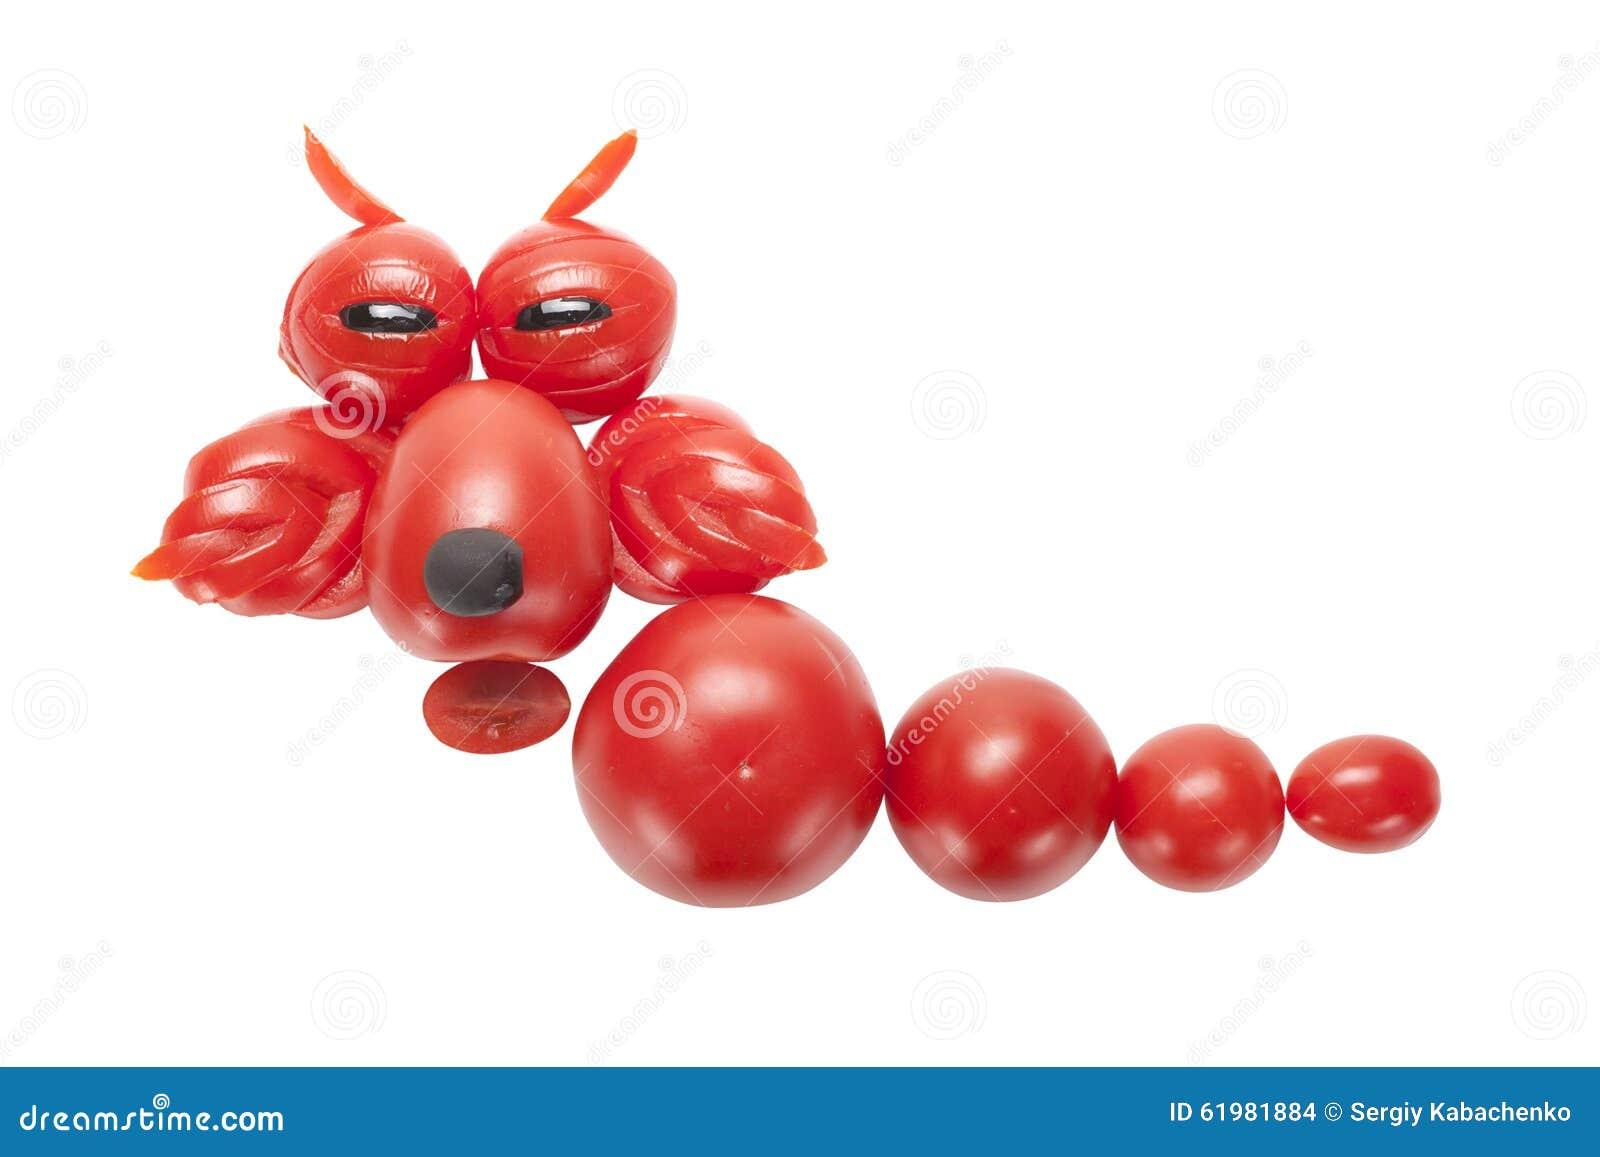 滑稽的龙由蕃茄制成